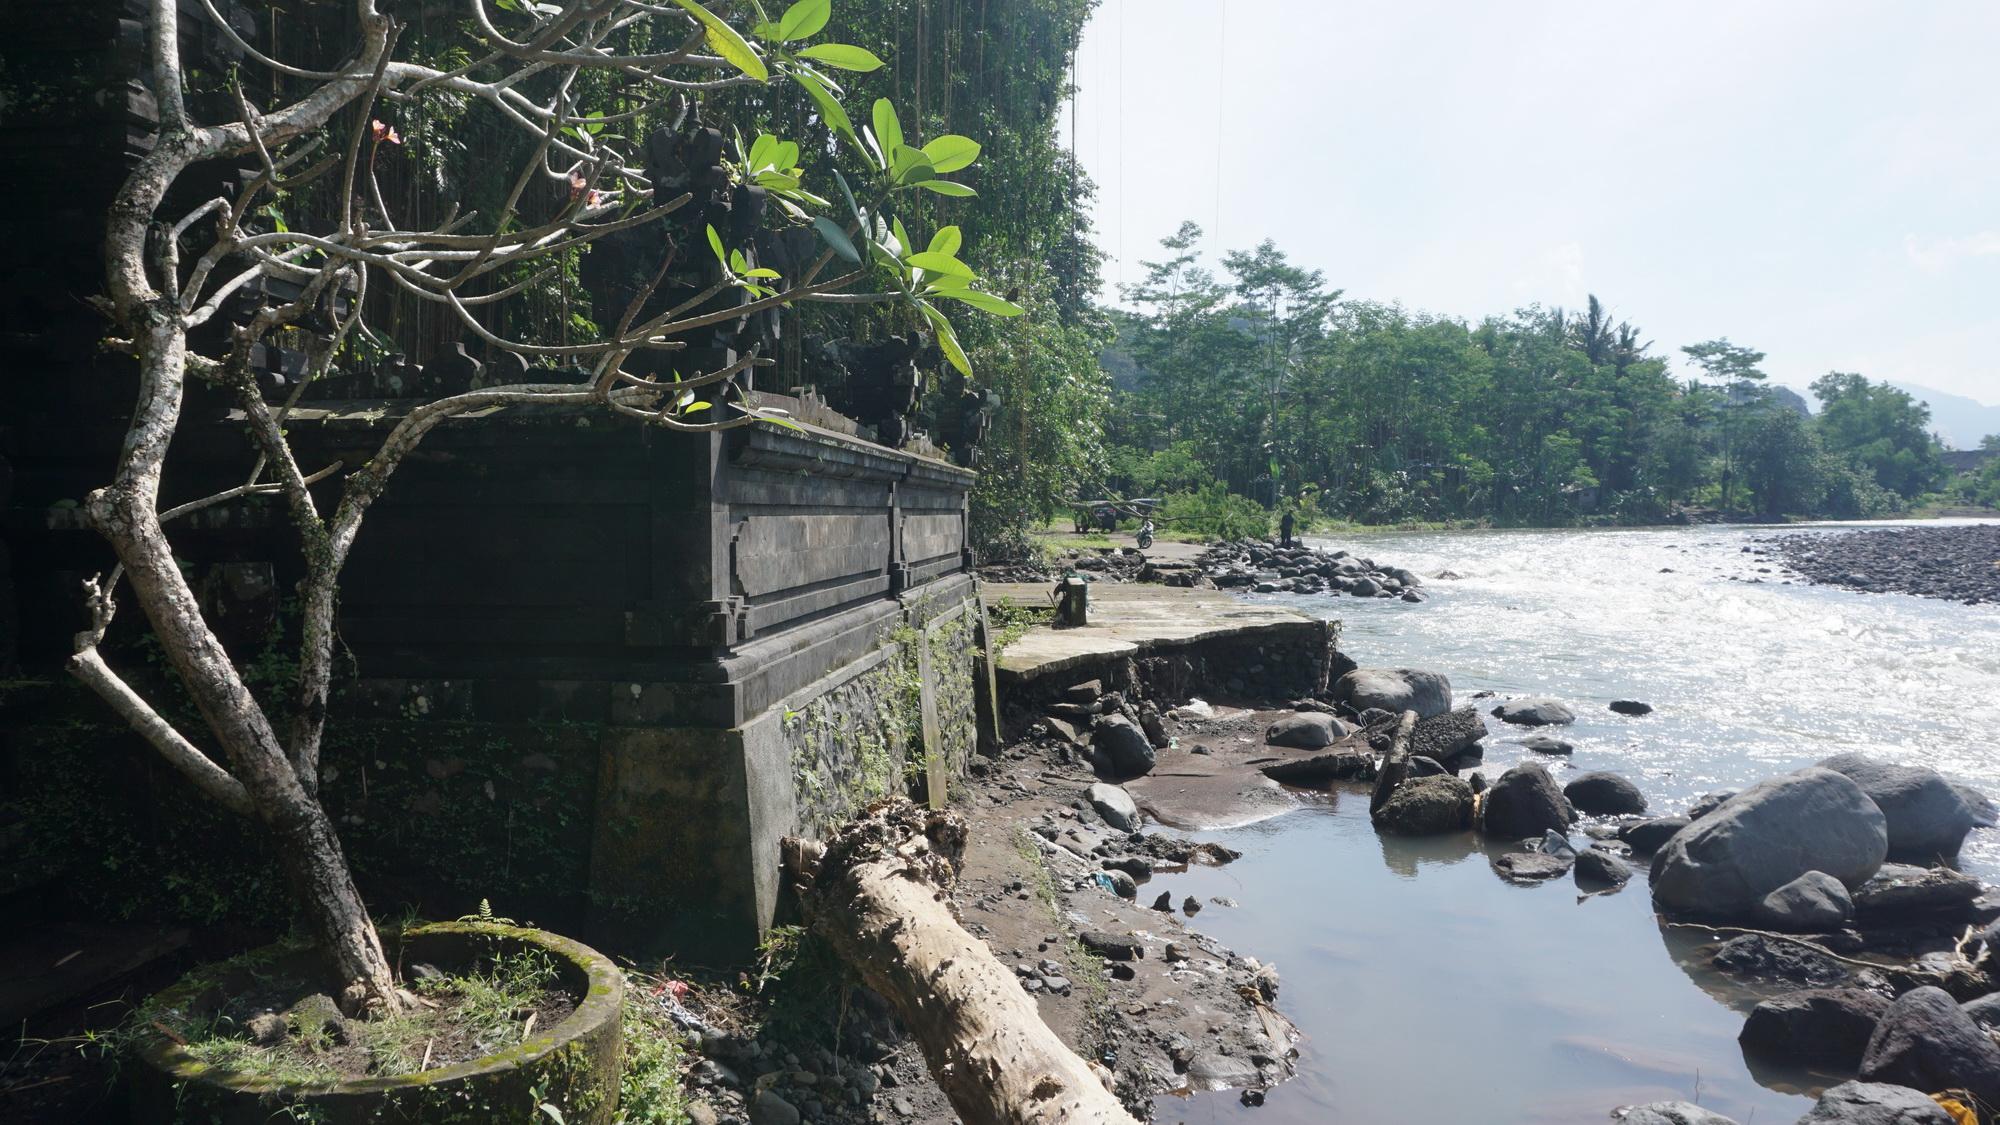 AKSES jalan menuju Pura Beji Pasekan di Desa Akah putus akibat hujan lebat yang terjadi pada Rabu (4/8/2021) malam. Foto: ist